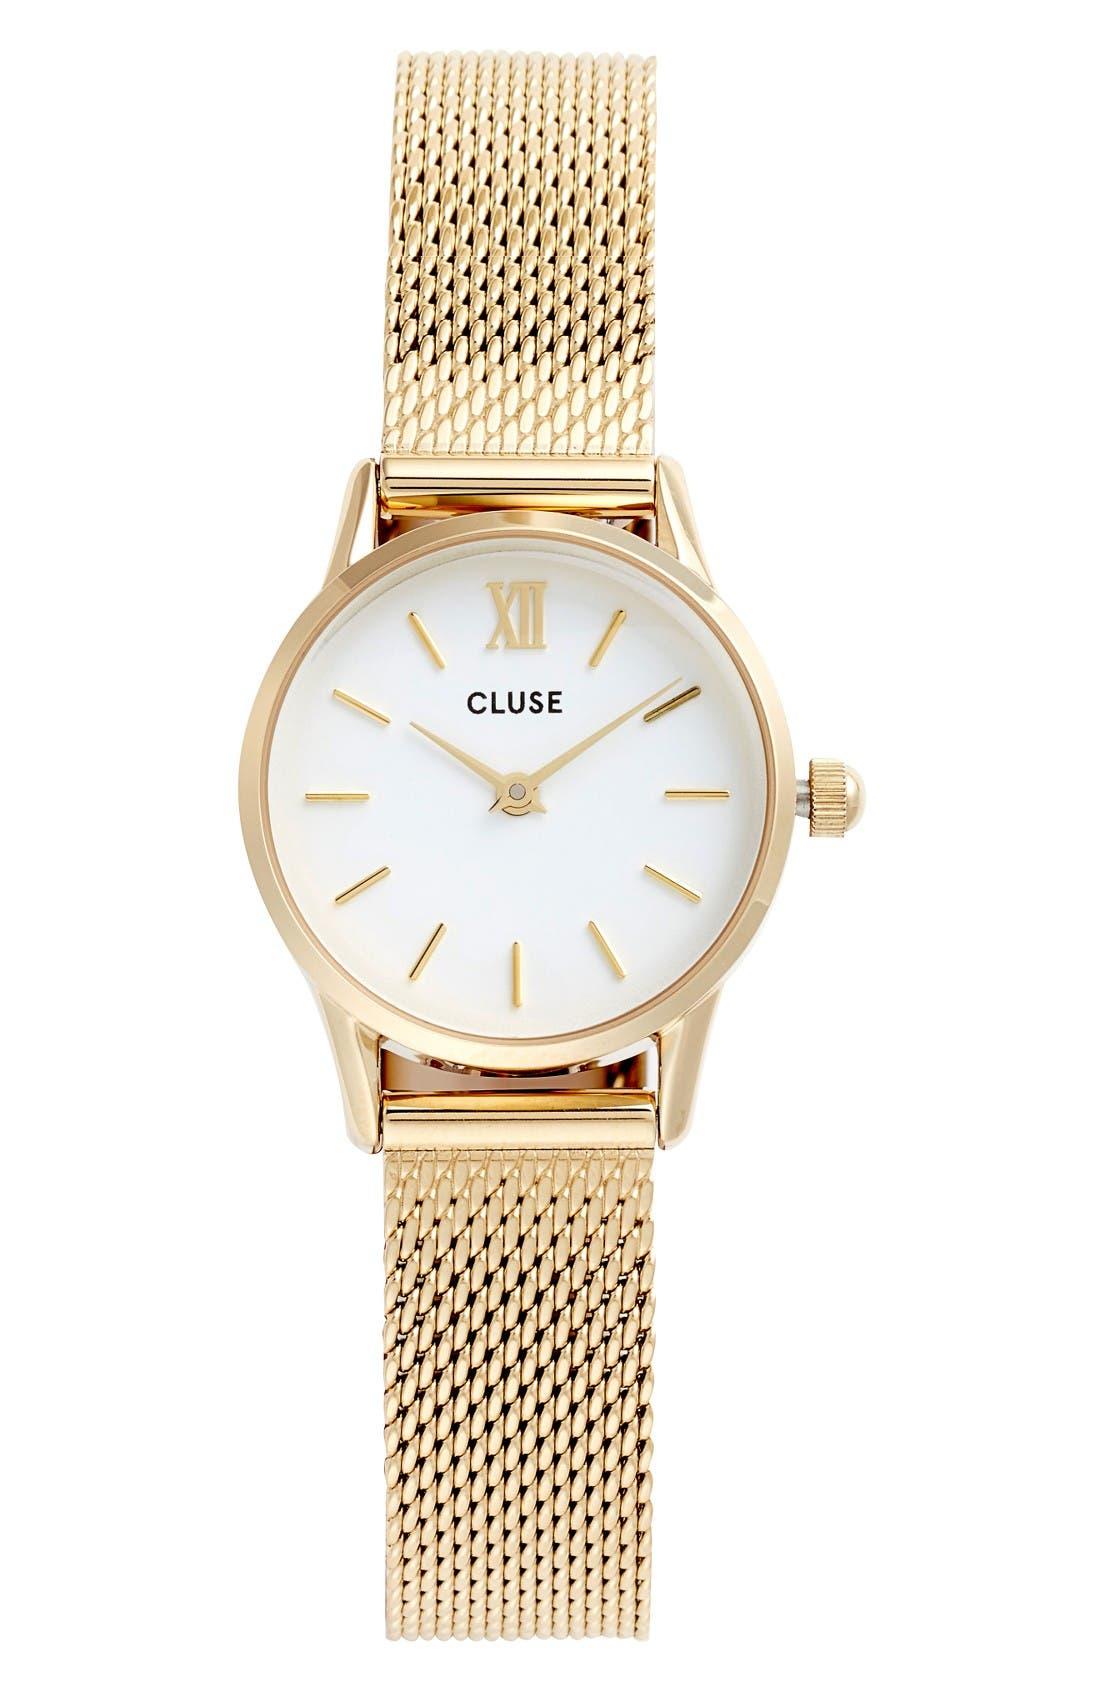 Main Image - CLUSE La Vedette Mesh Strap Watch, 24mm